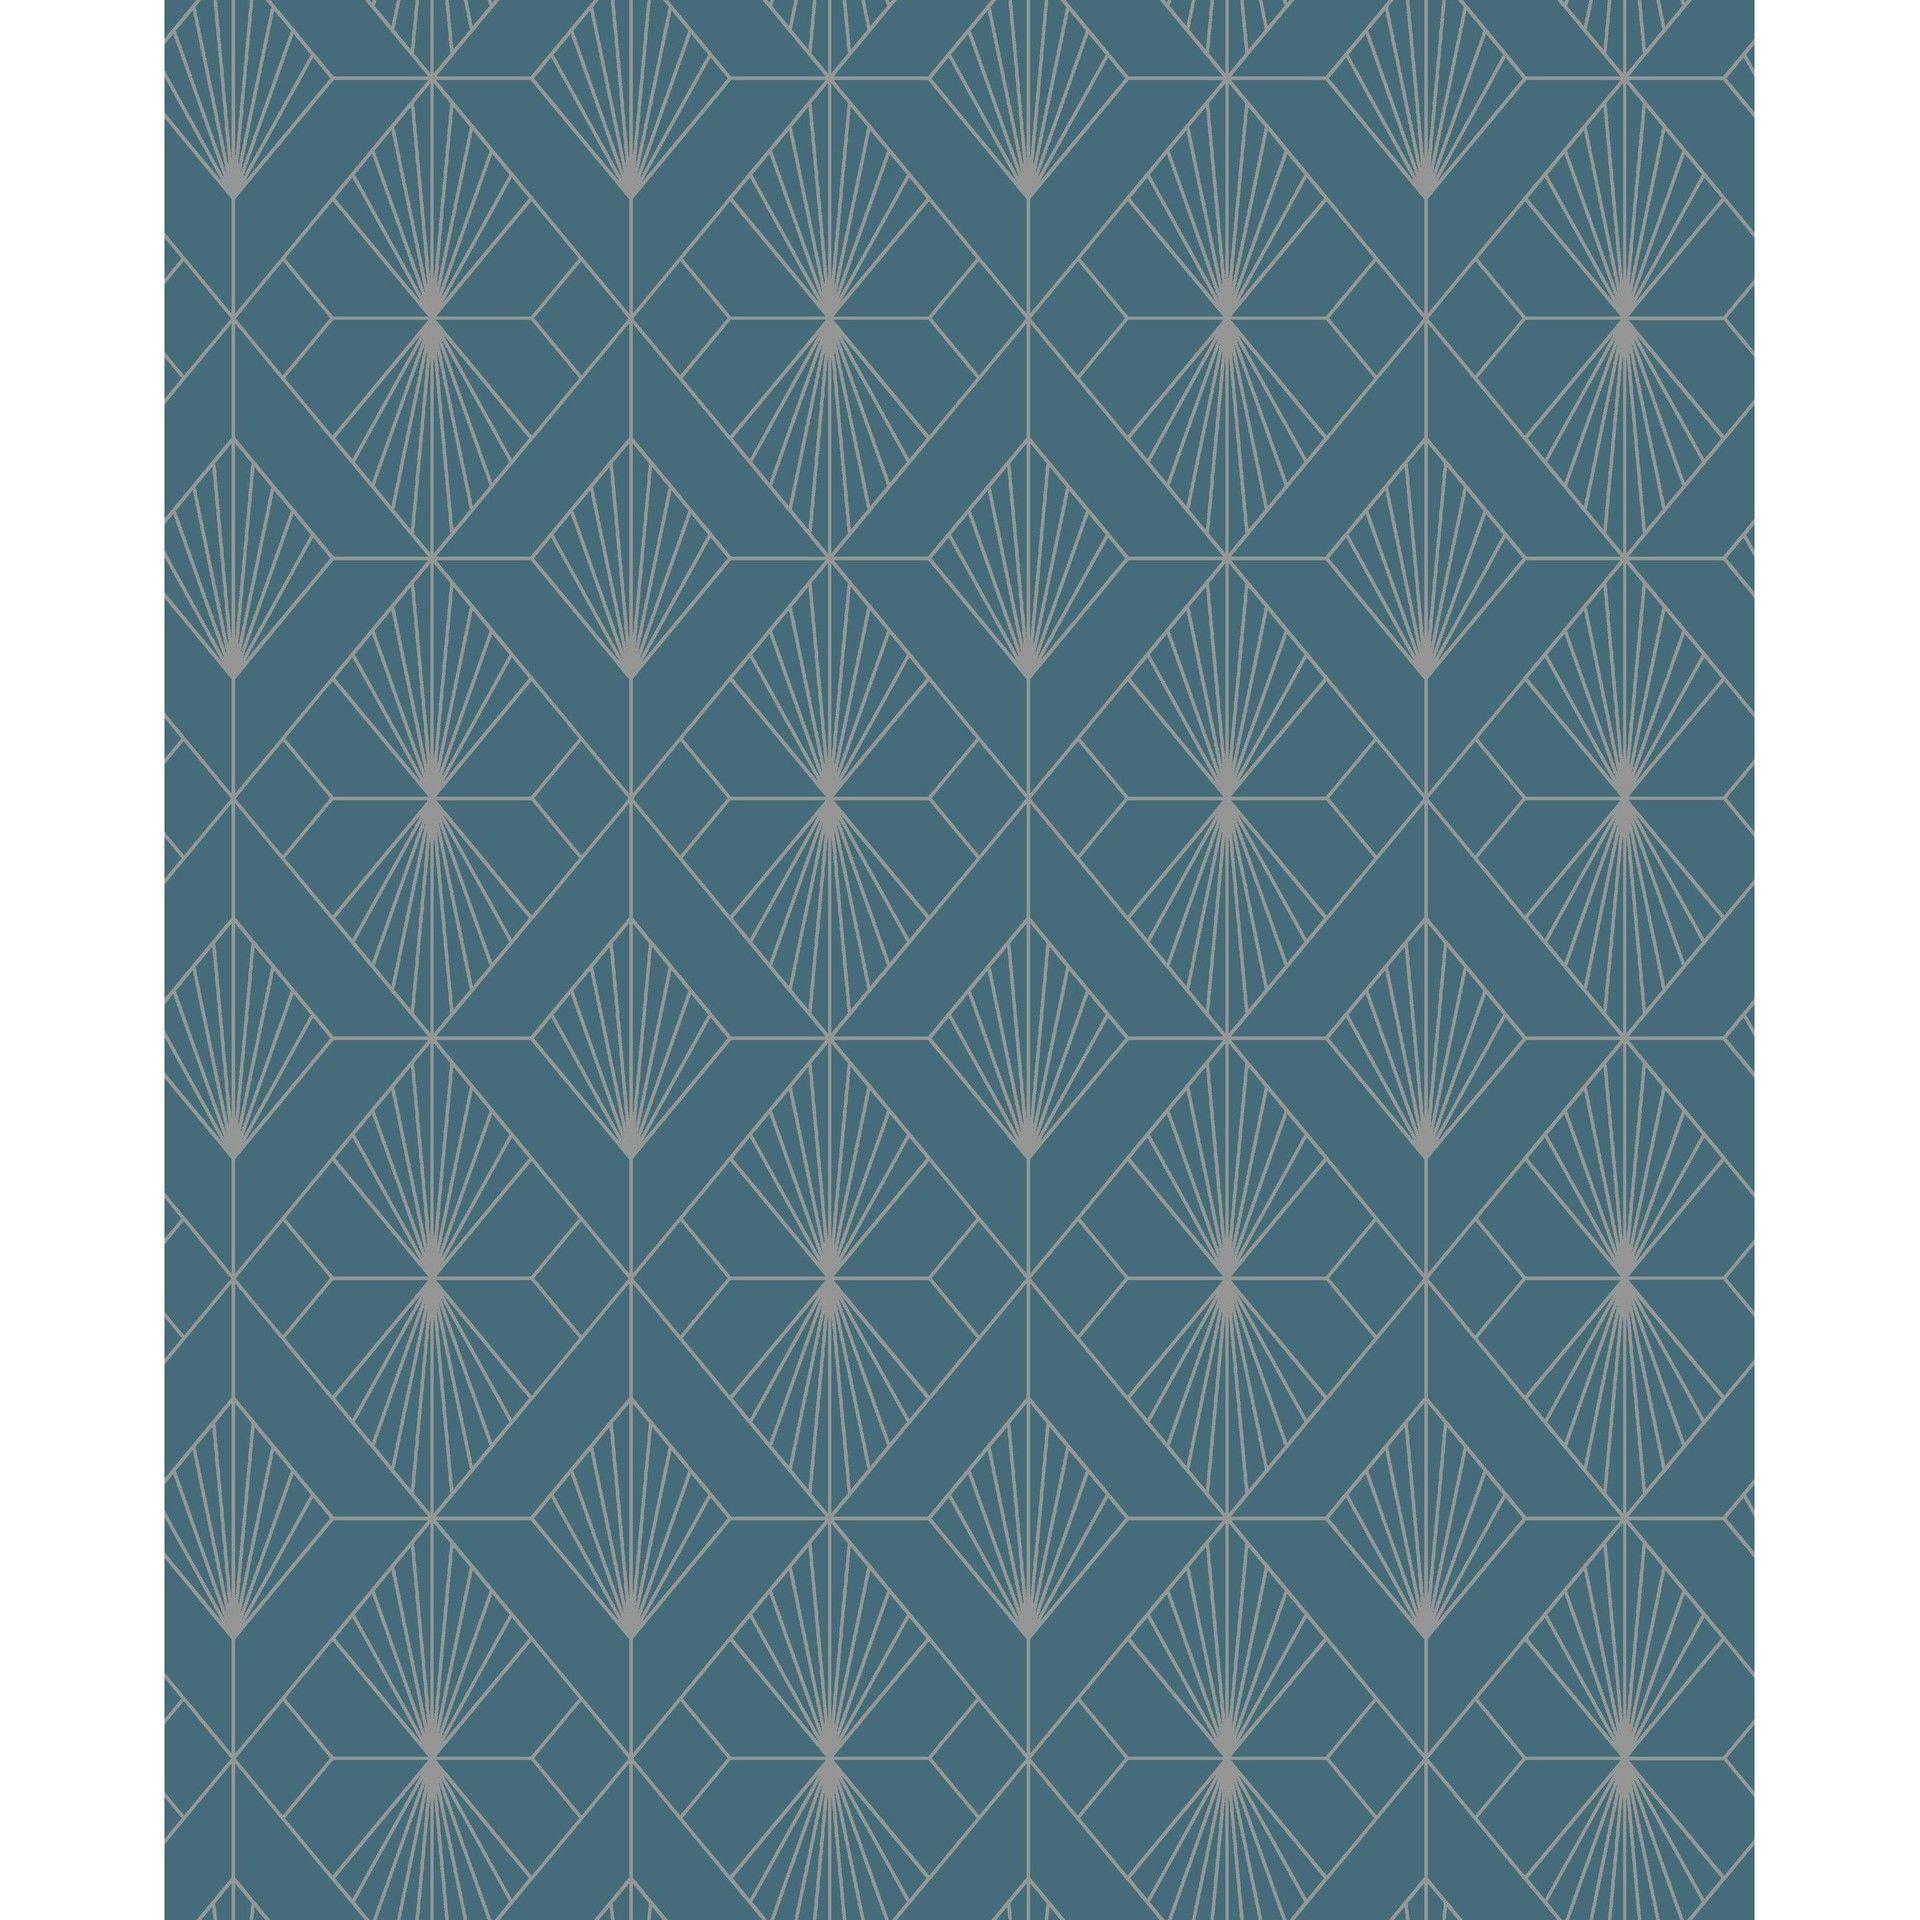 Papier Peint Expanse Diamant Bleu Argent Papier Peint Diamant Bleu Papier Peint Geometrique